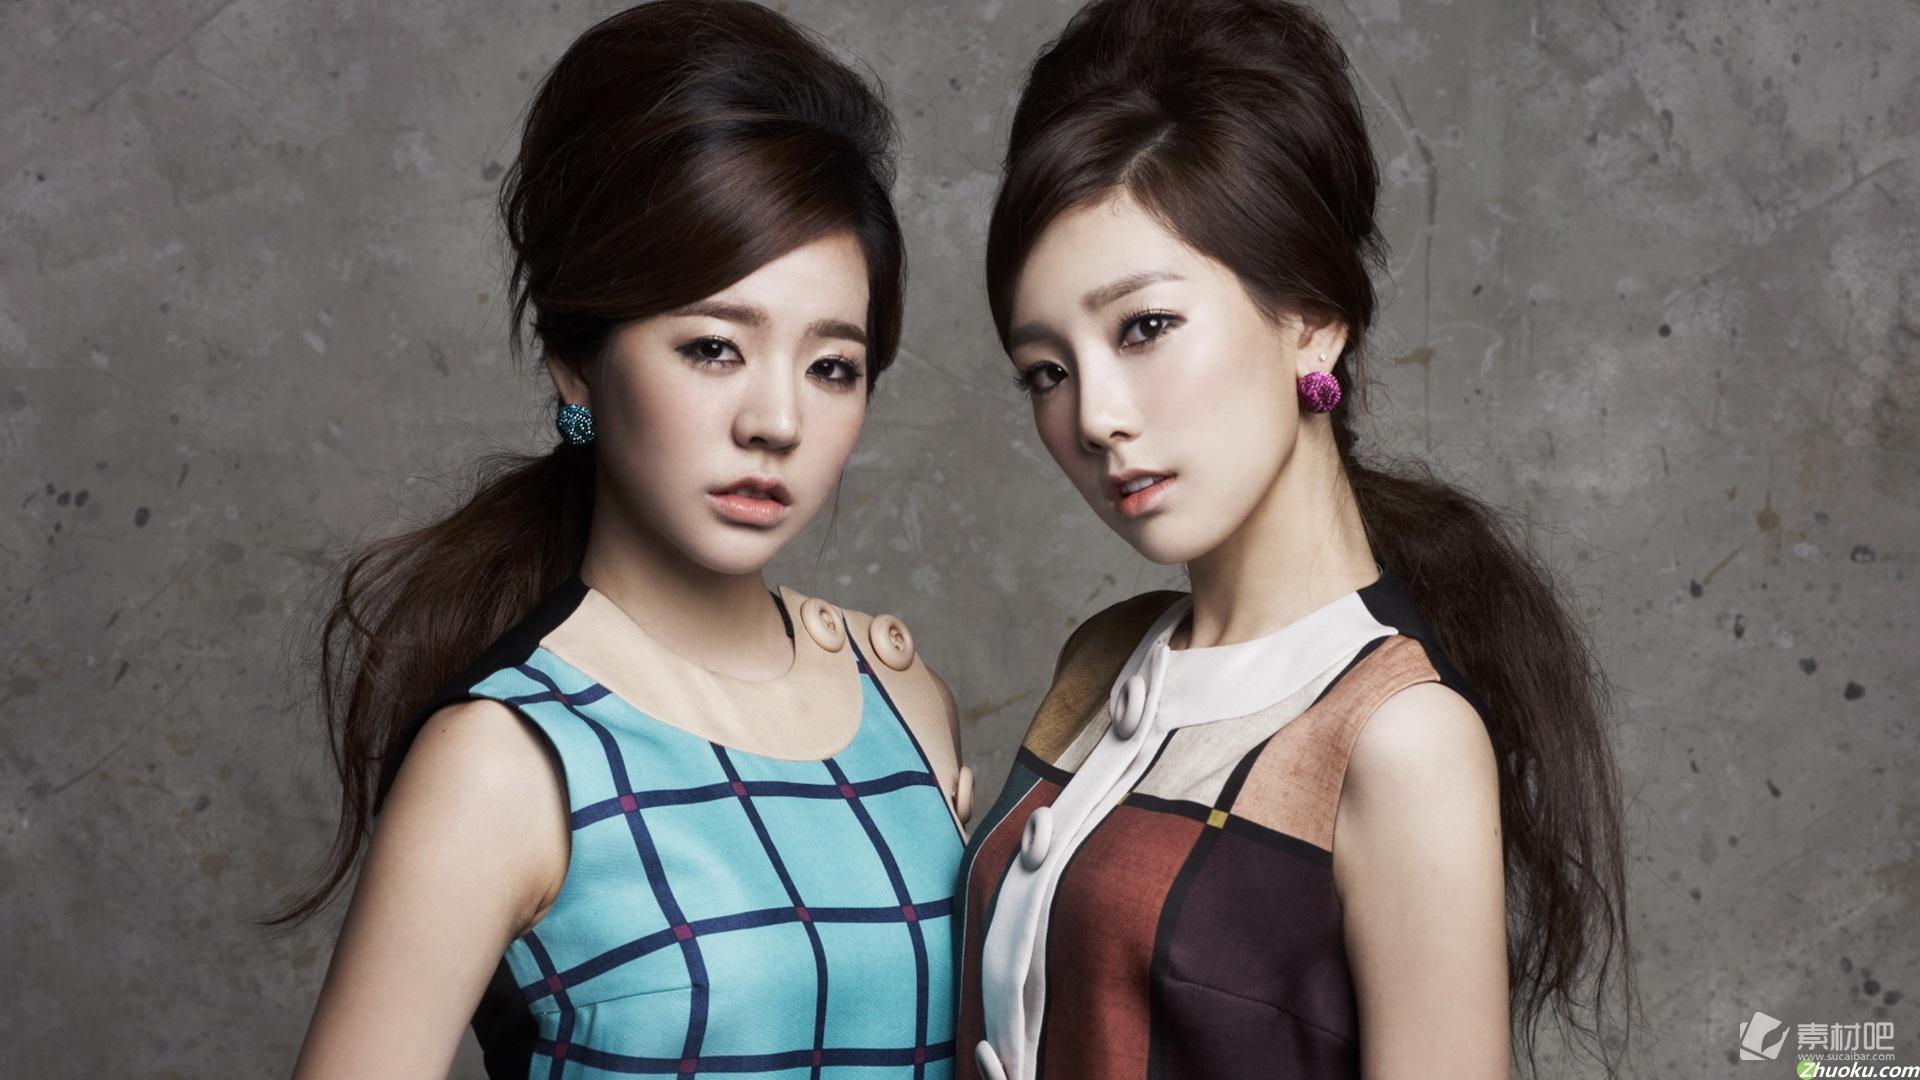 金泰妍和李顺圭性感桌面壁纸